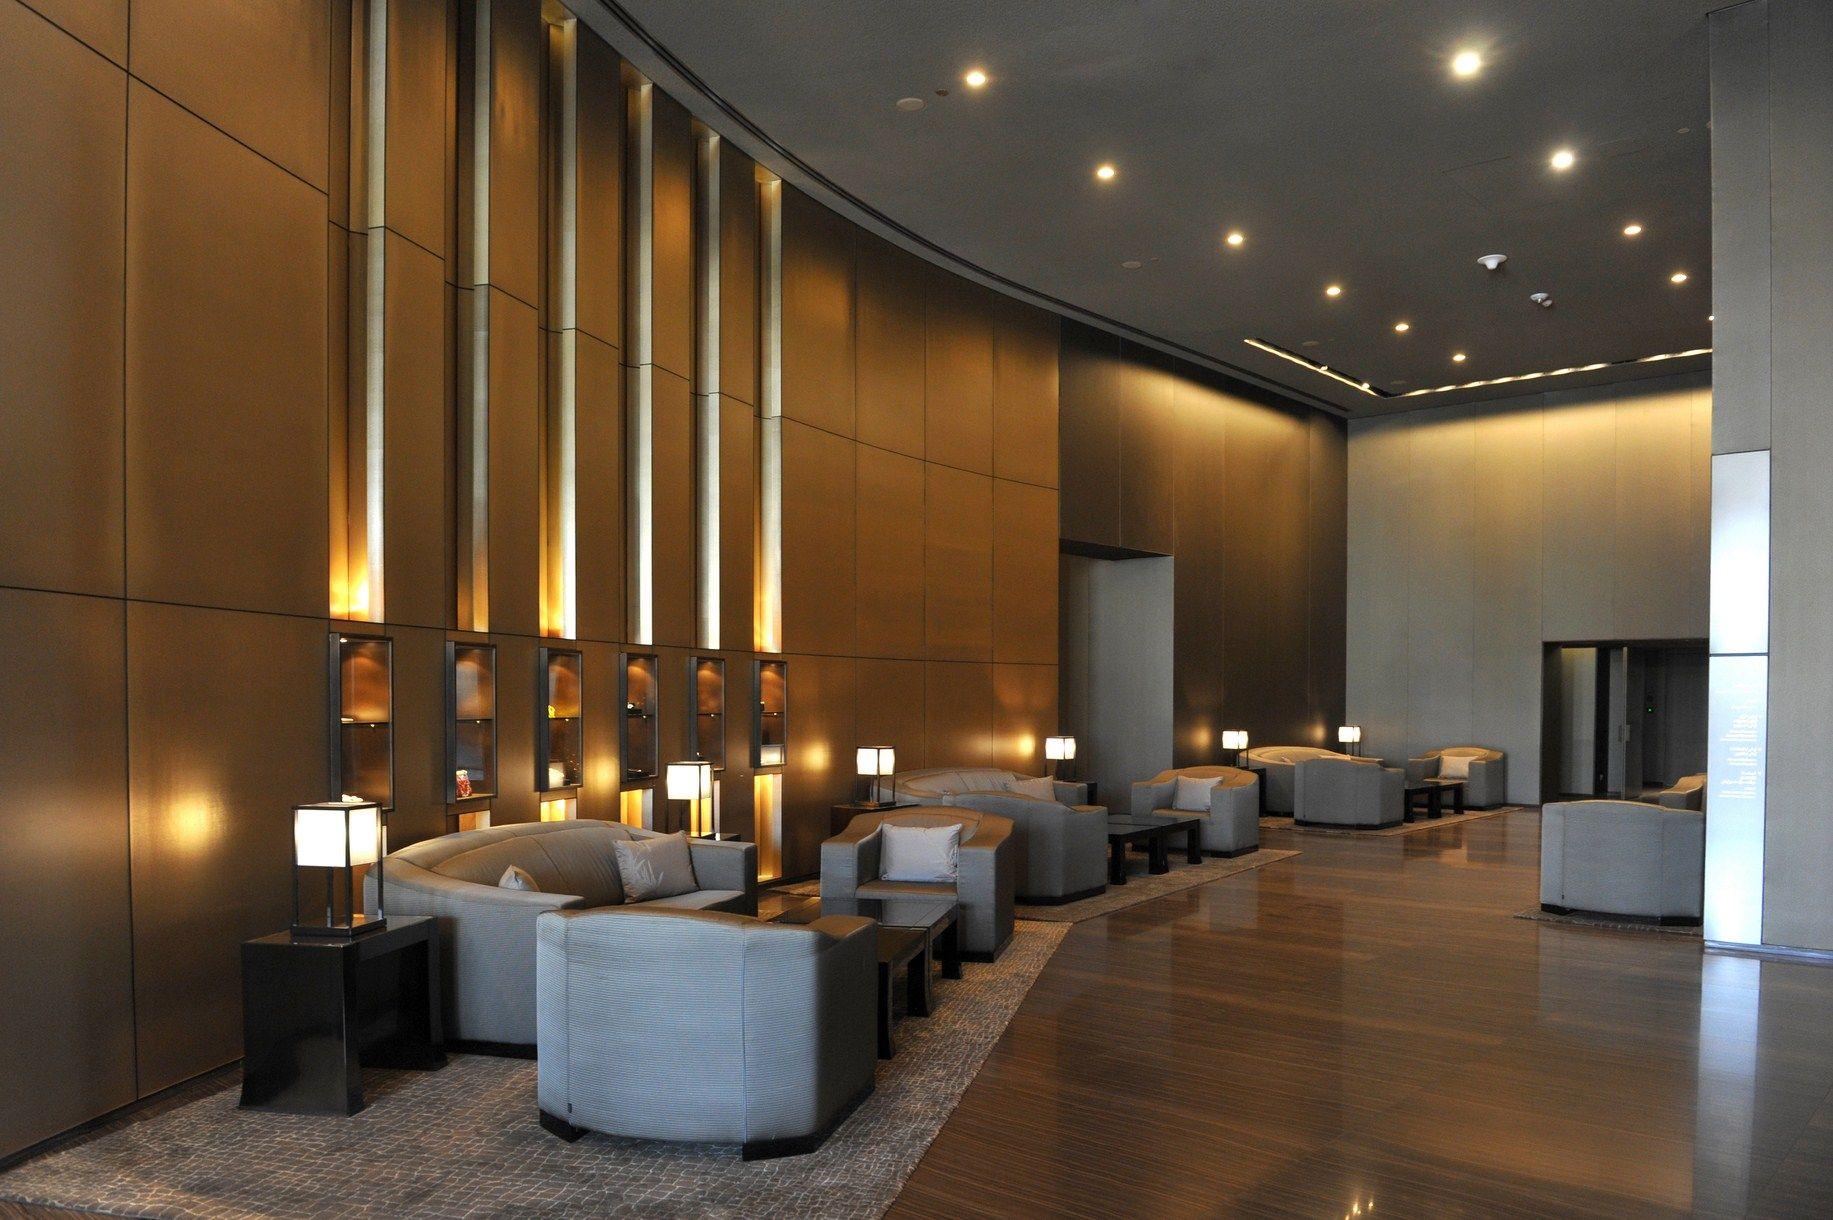 #armanihotel #dubai Boutique And Design Hotel Collection